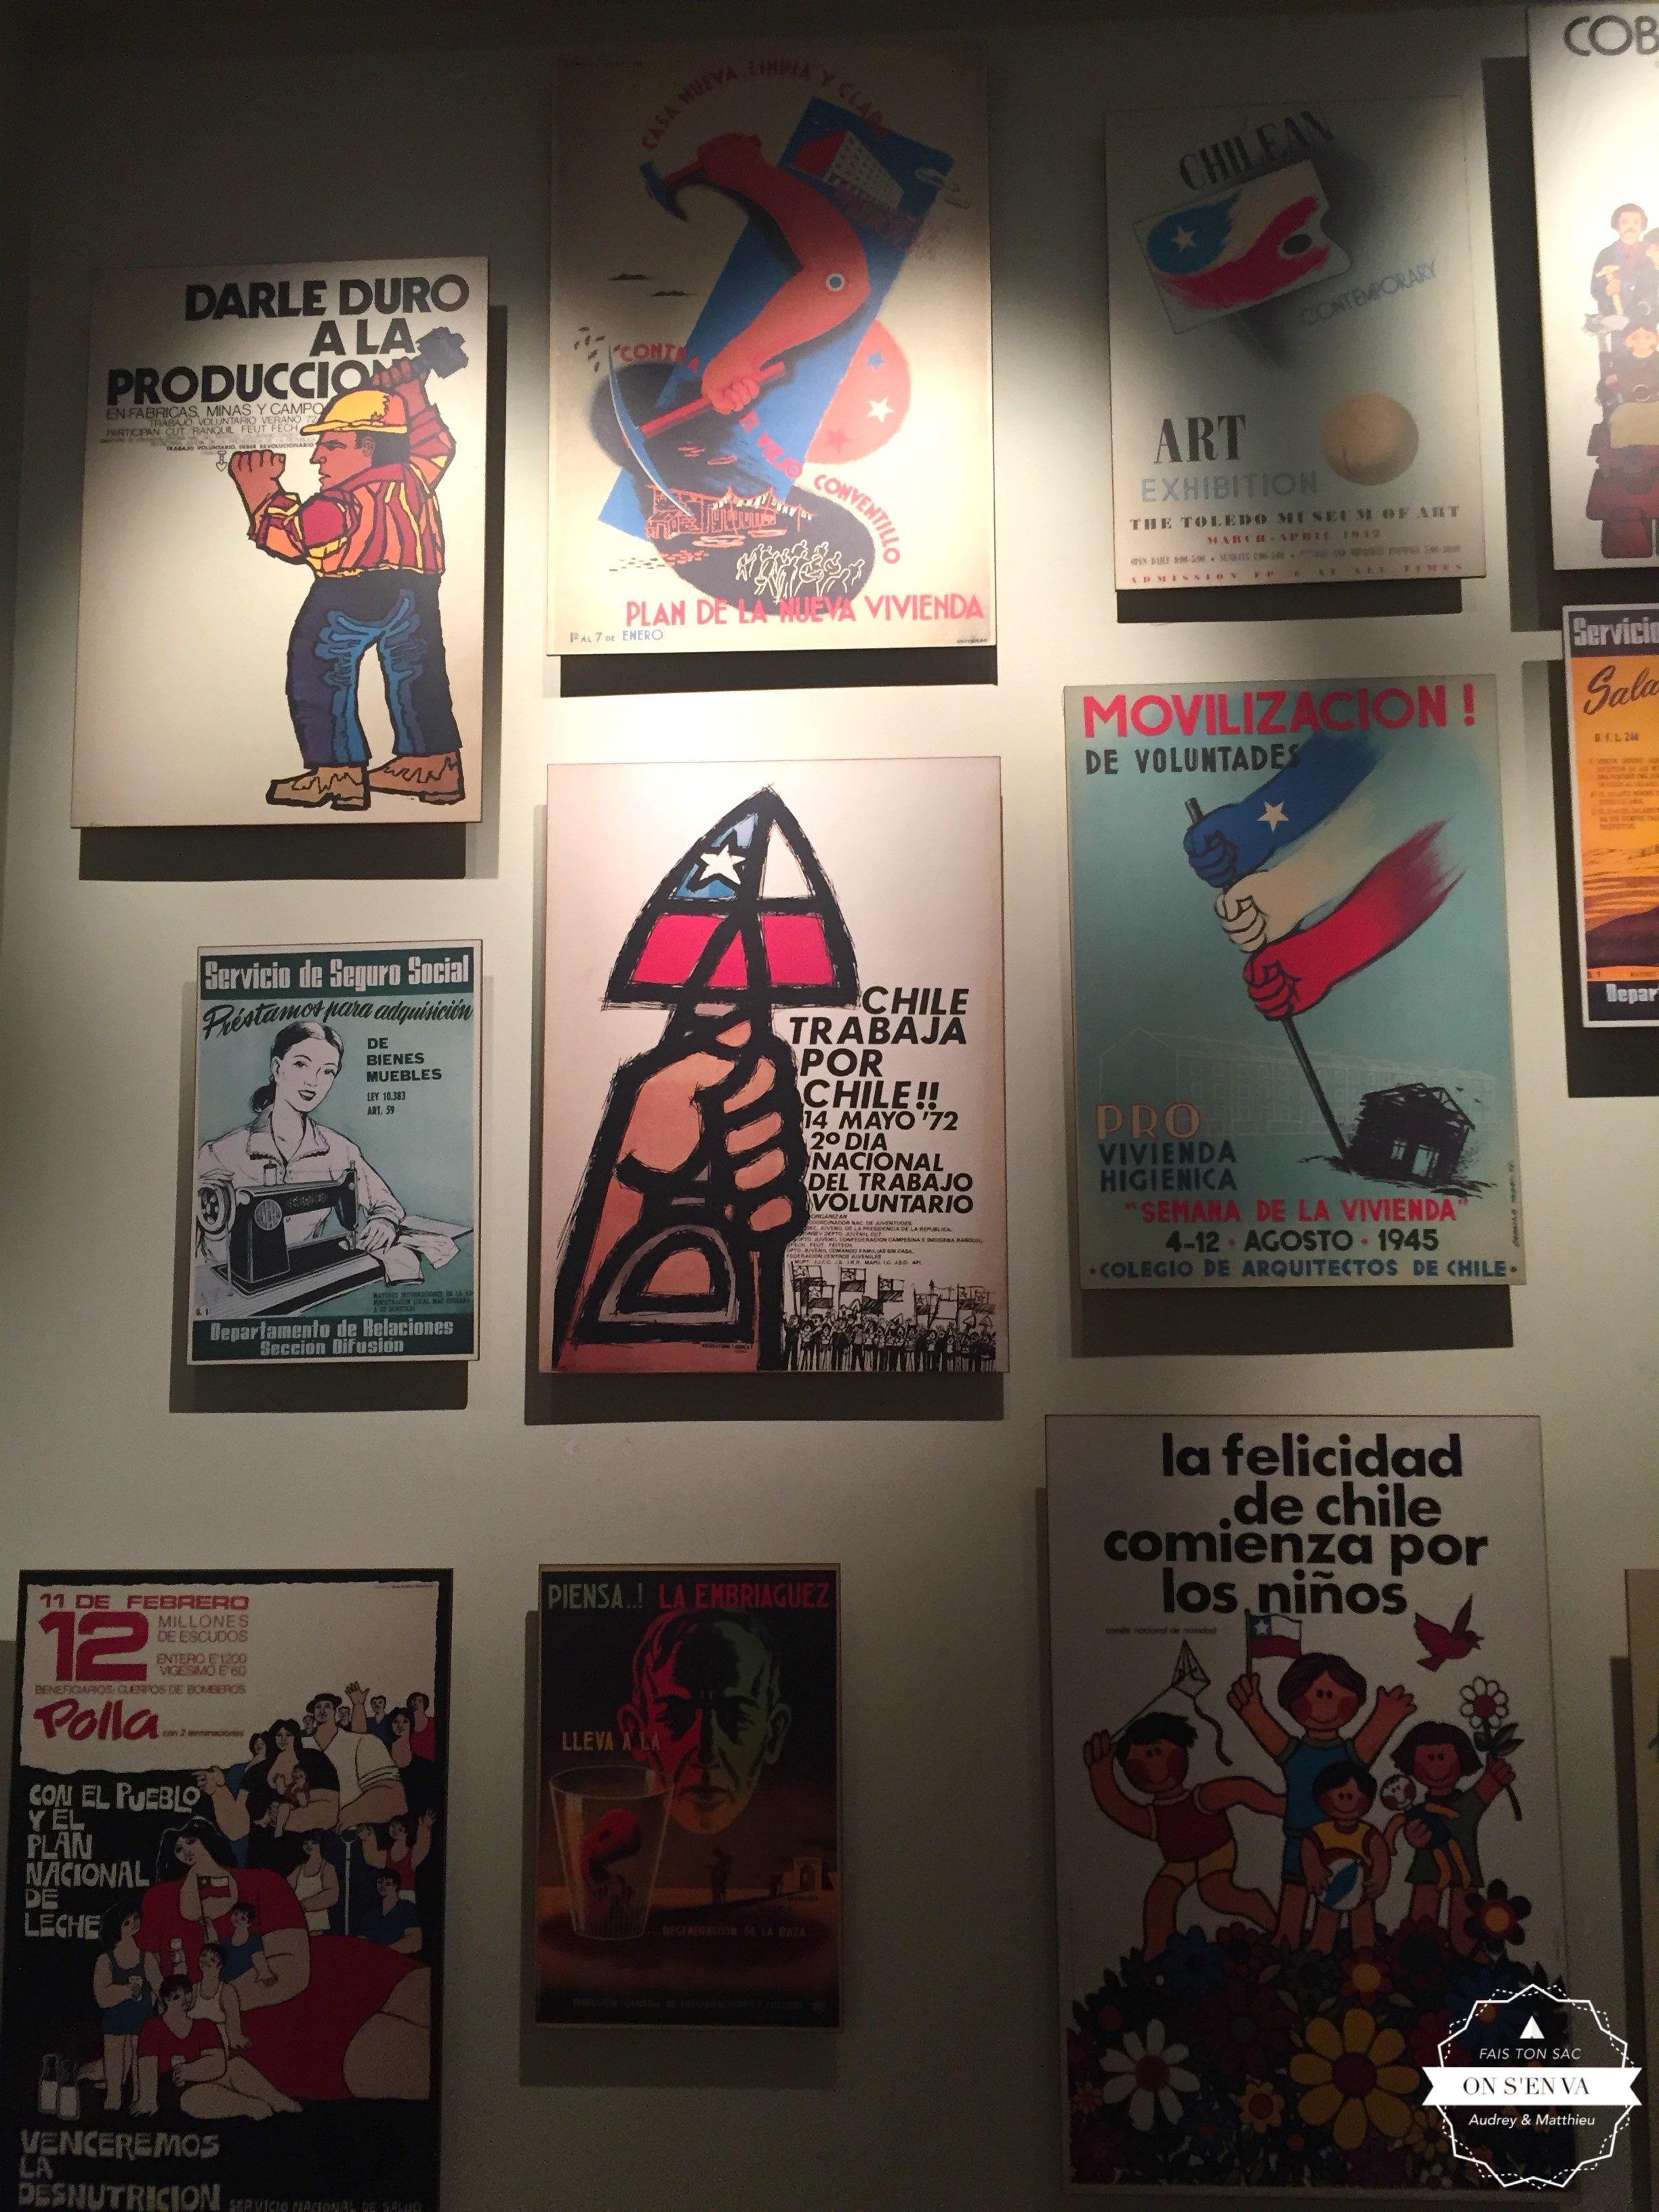 Affiches de propagande